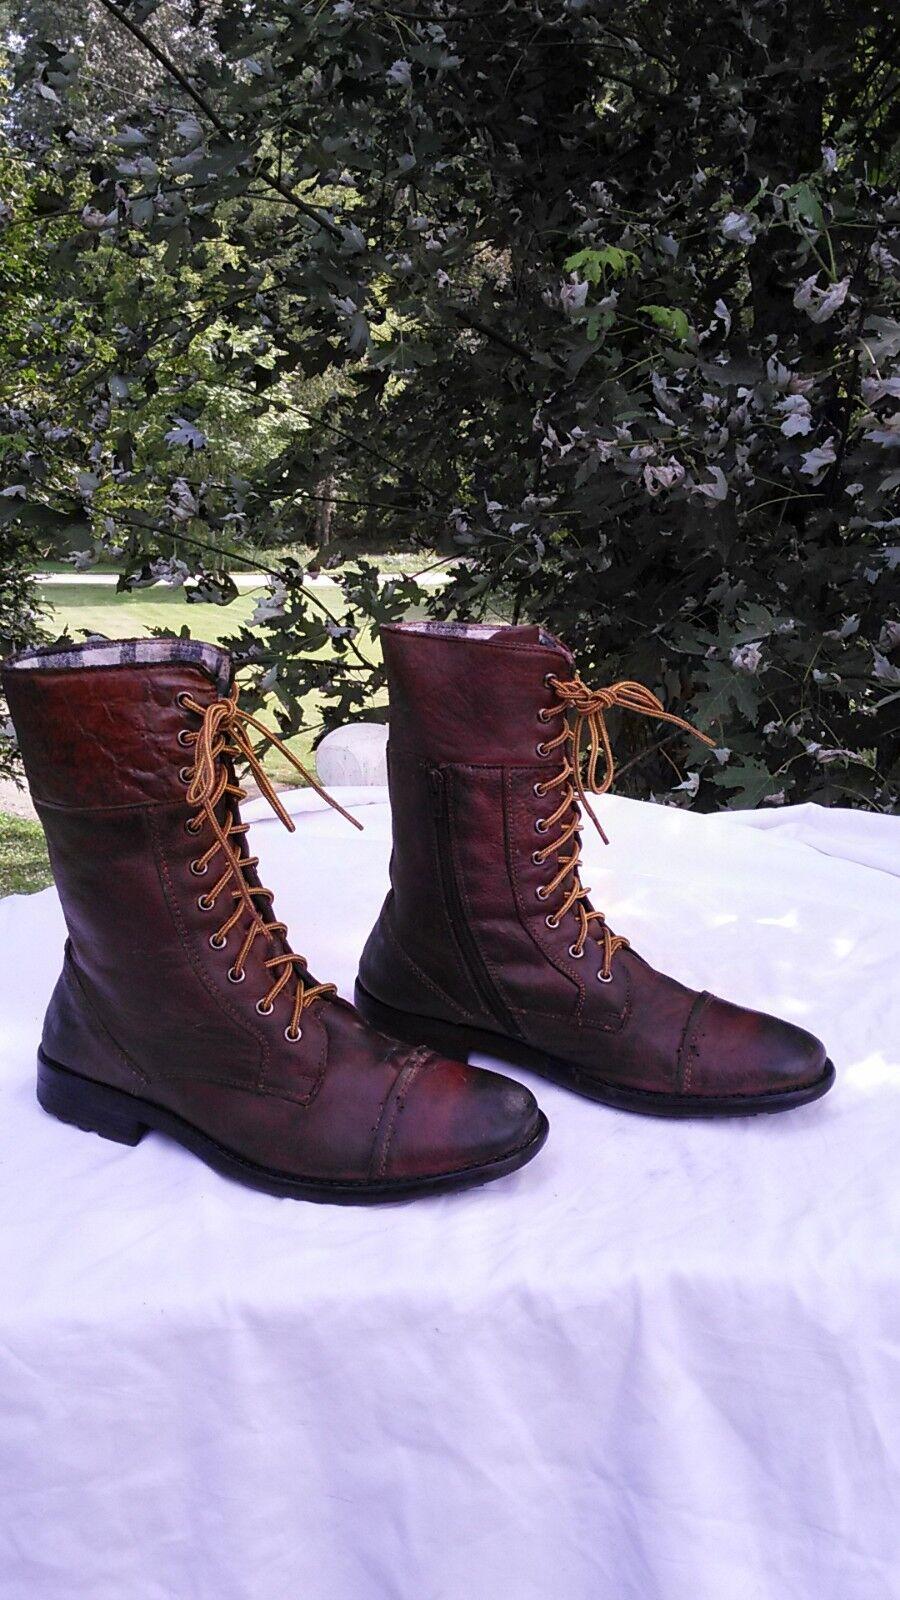 Steve Madden Madden Madden botas talla 10 para hombres acc49c